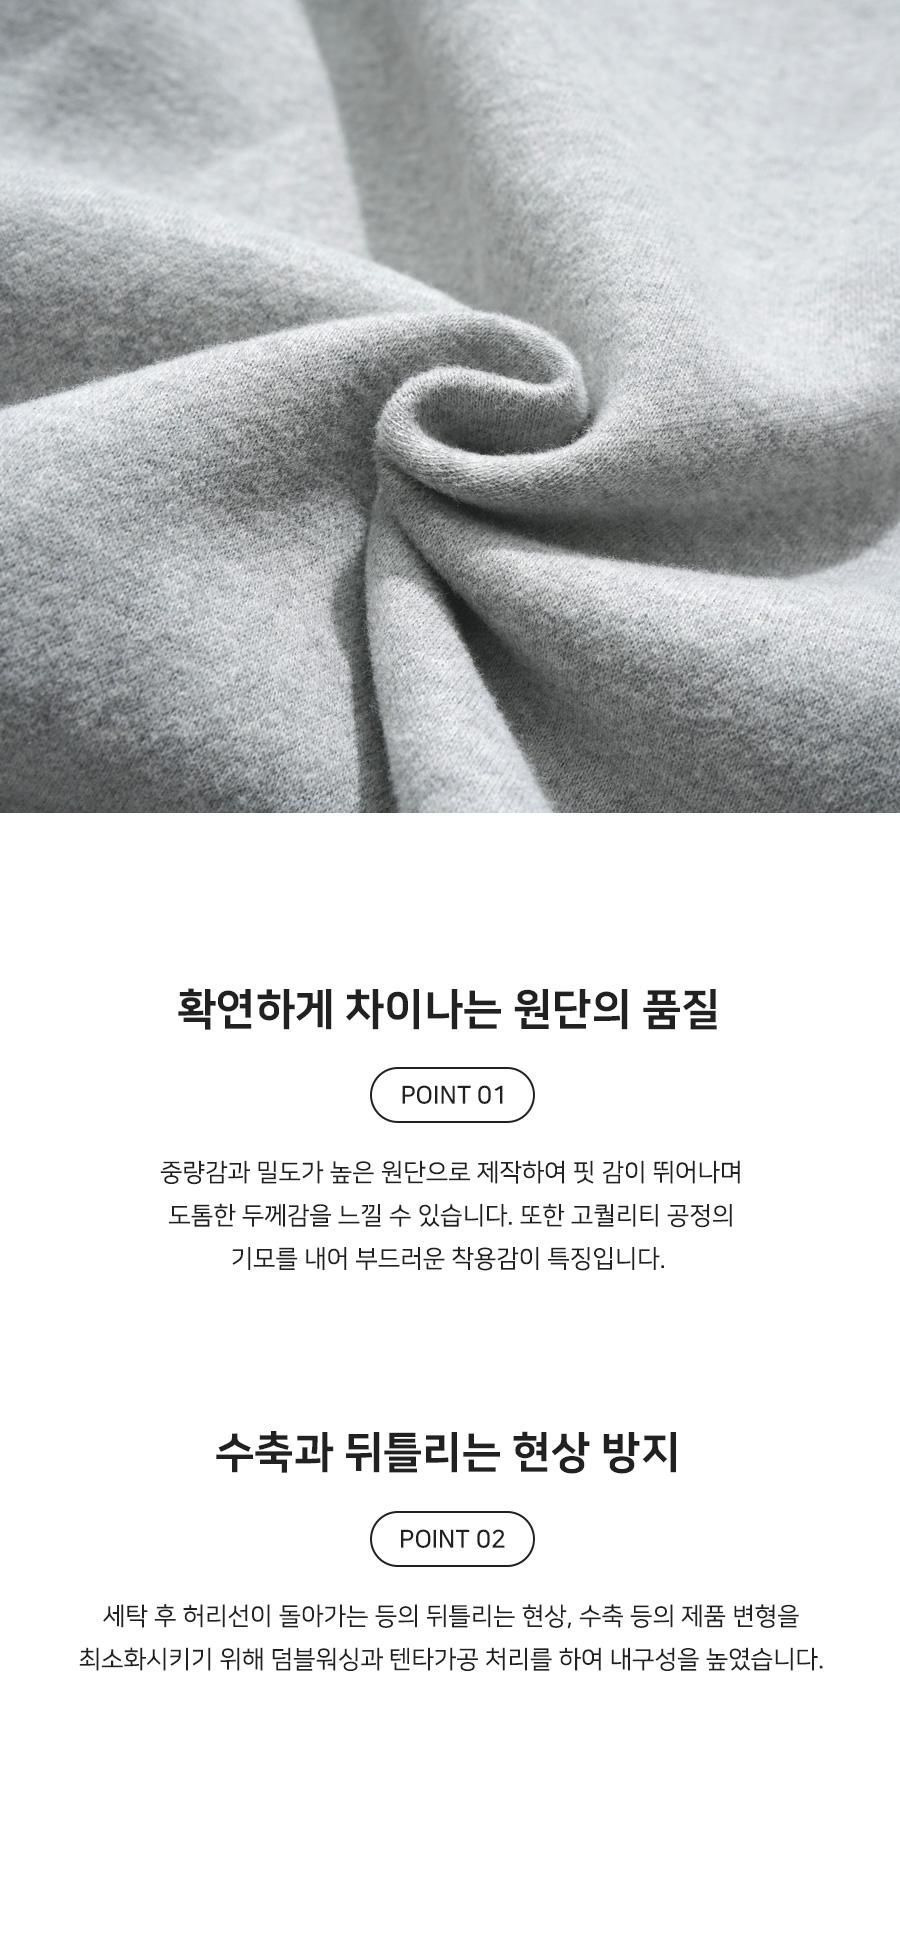 4442_info_gray_bj.jpg